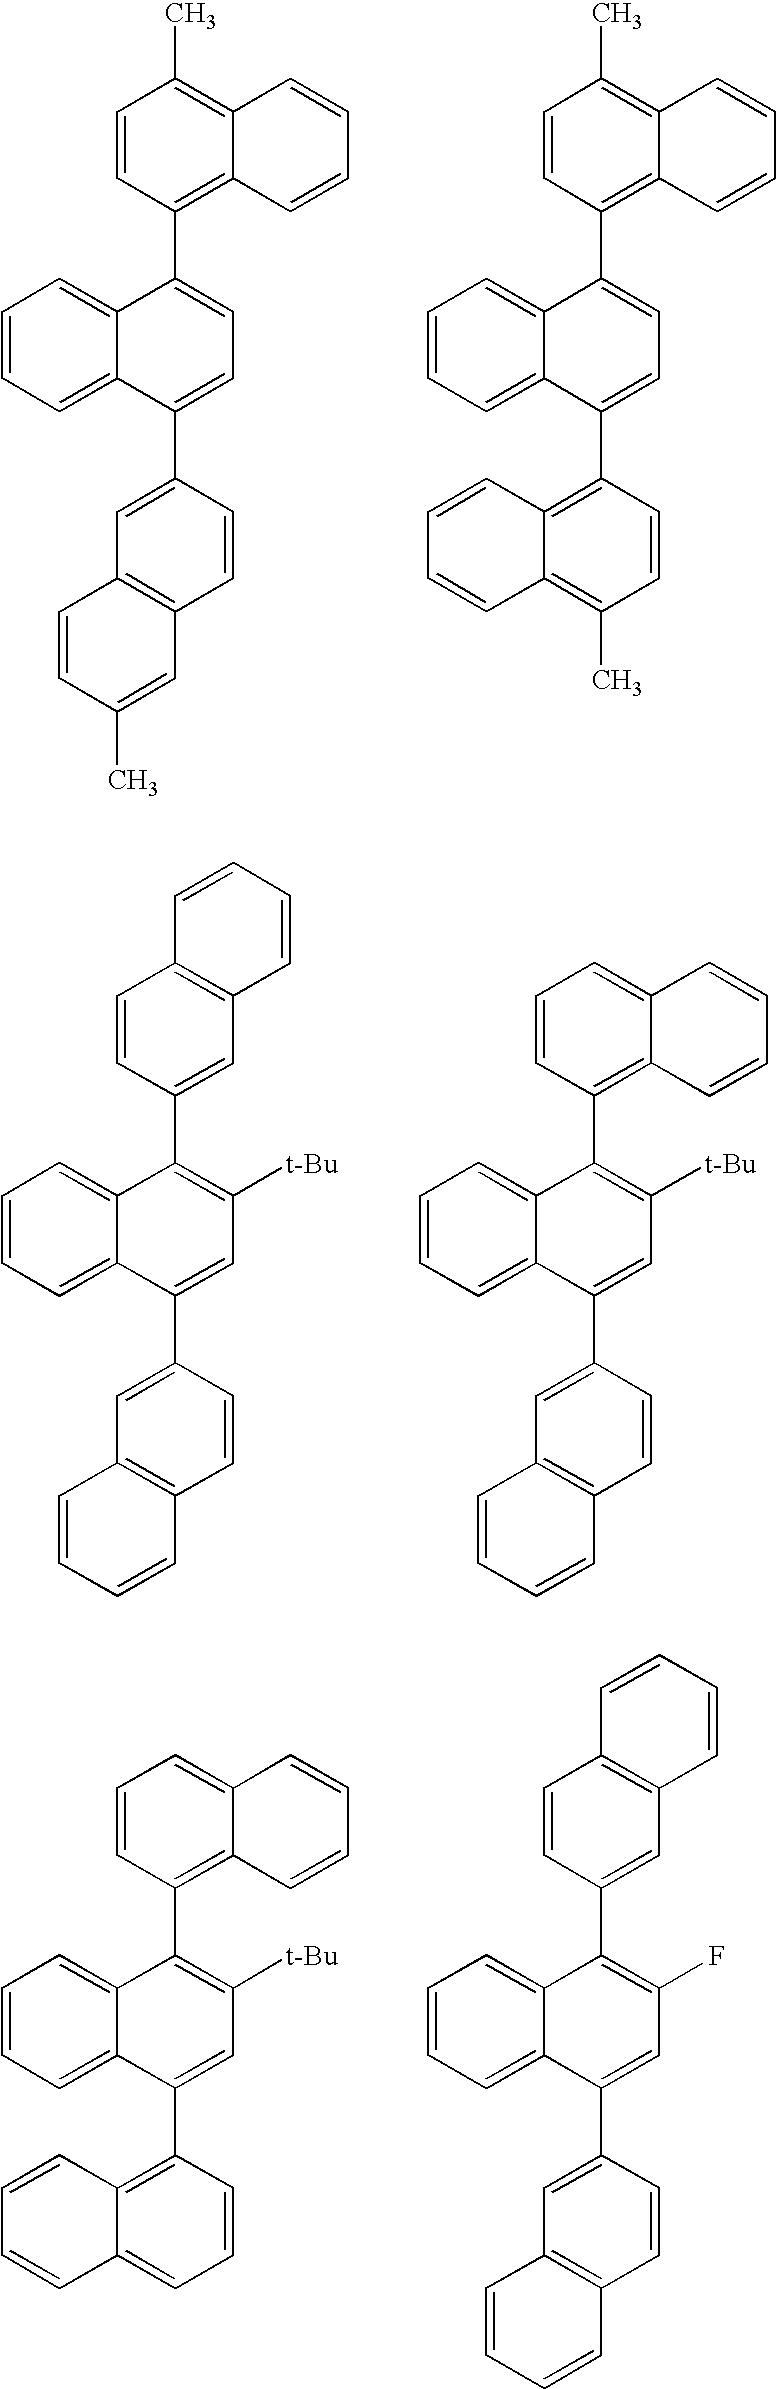 Figure US20100171109A1-20100708-C00075